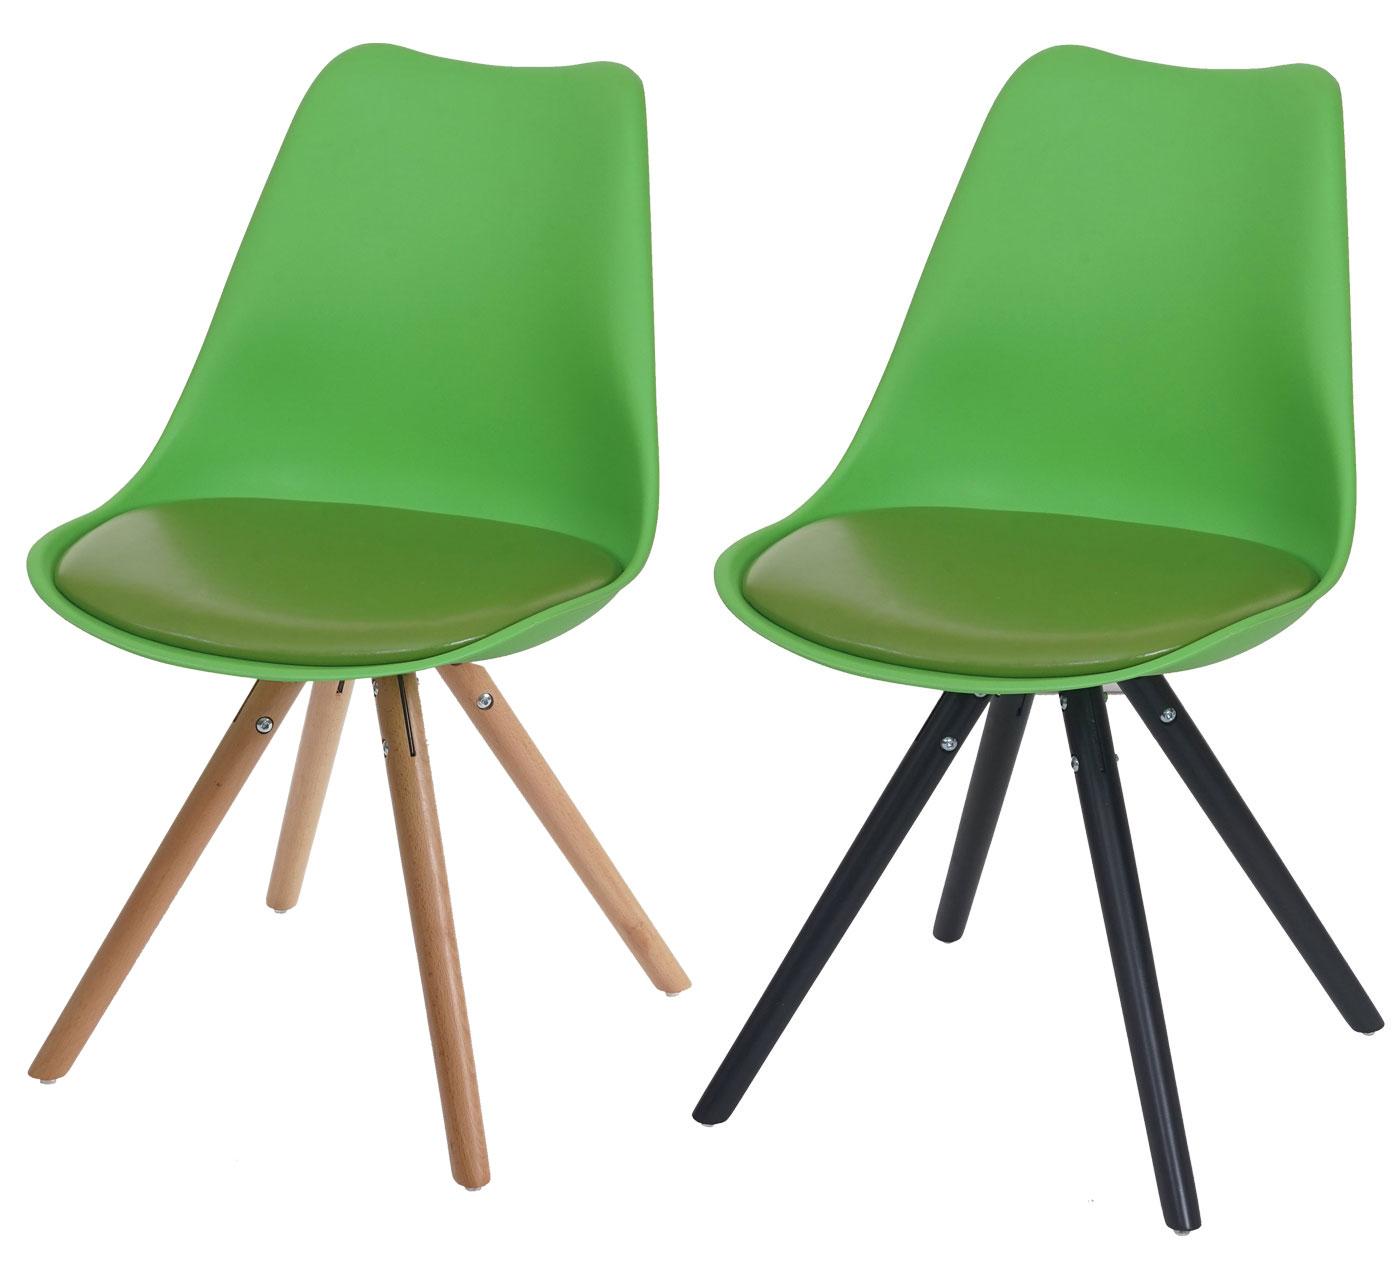 6x esszimmerstuhl malm t501 stuhl lehnstuhl retro 50er. Black Bedroom Furniture Sets. Home Design Ideas